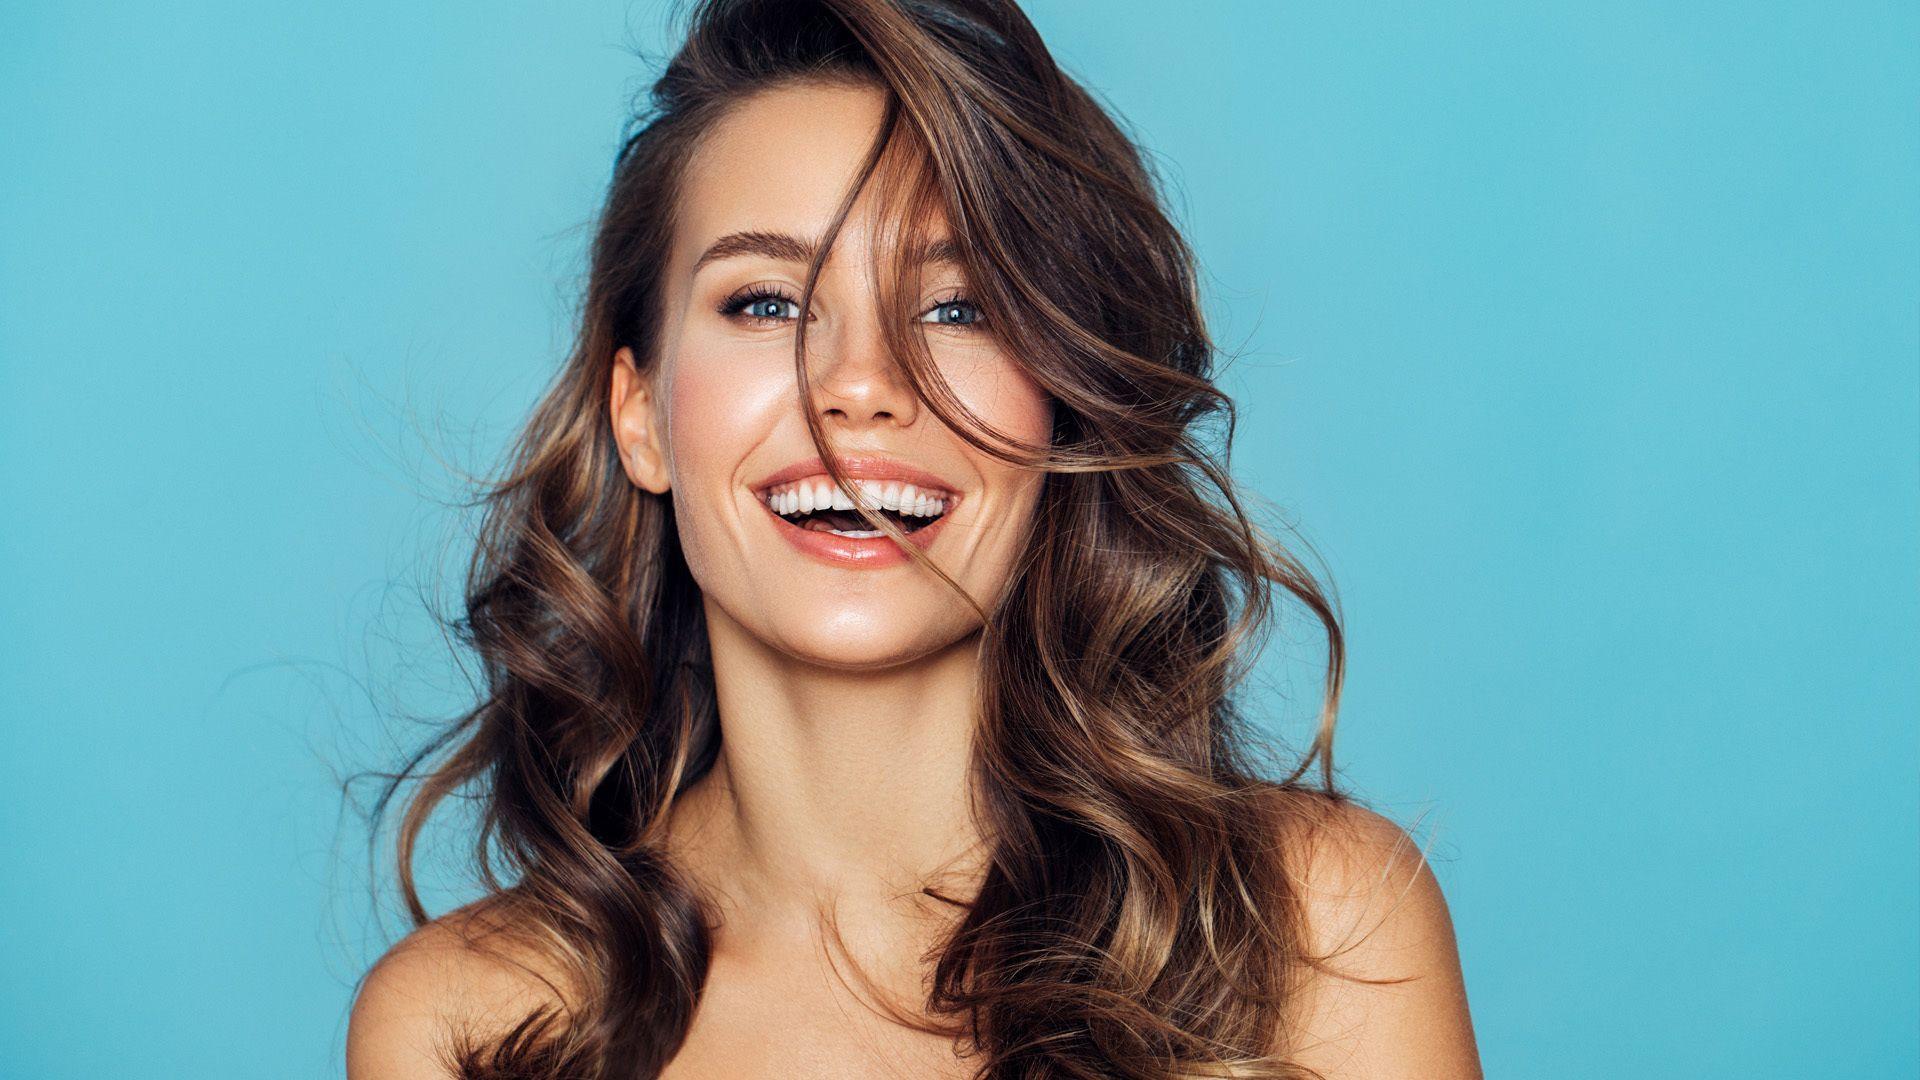 Haare brechen ab: 8 Gründe und was gegen Haarbruch hilft